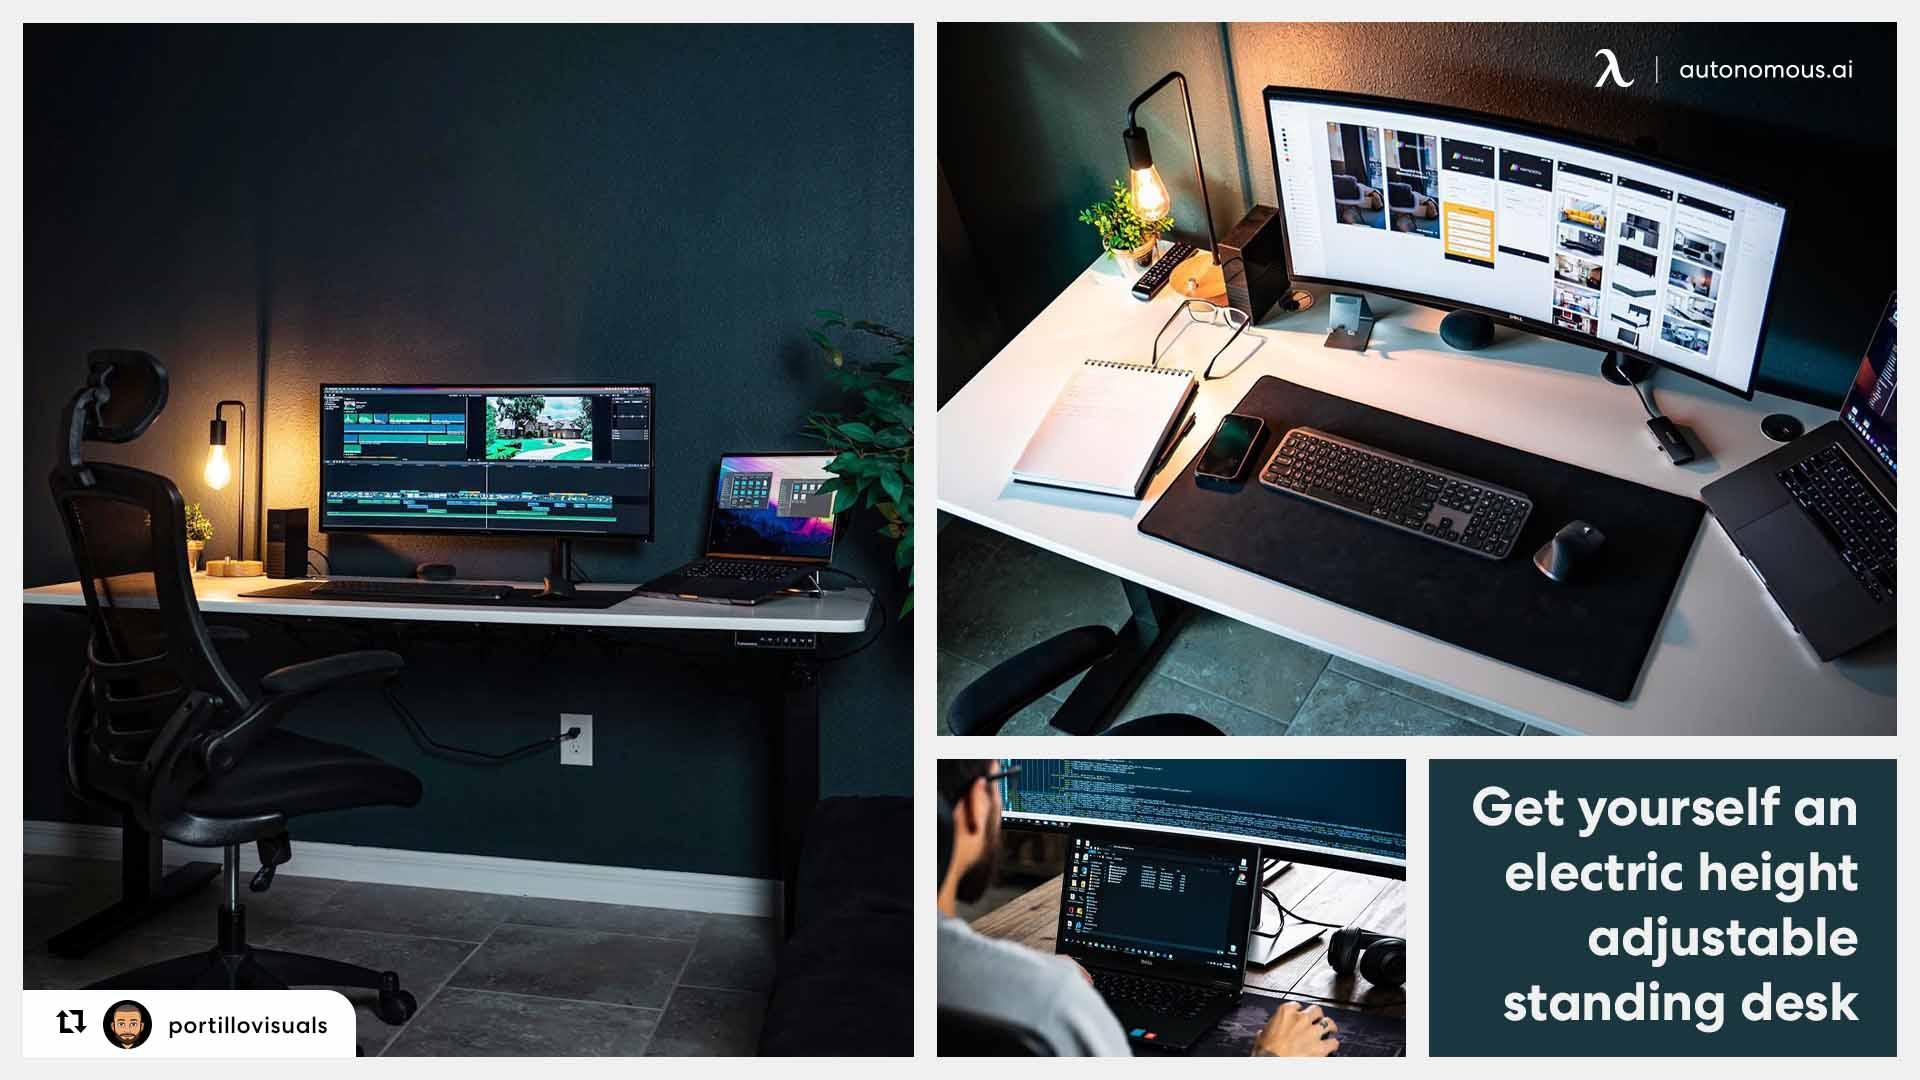 Home trading desk setup: Get yourself an adjustable desk